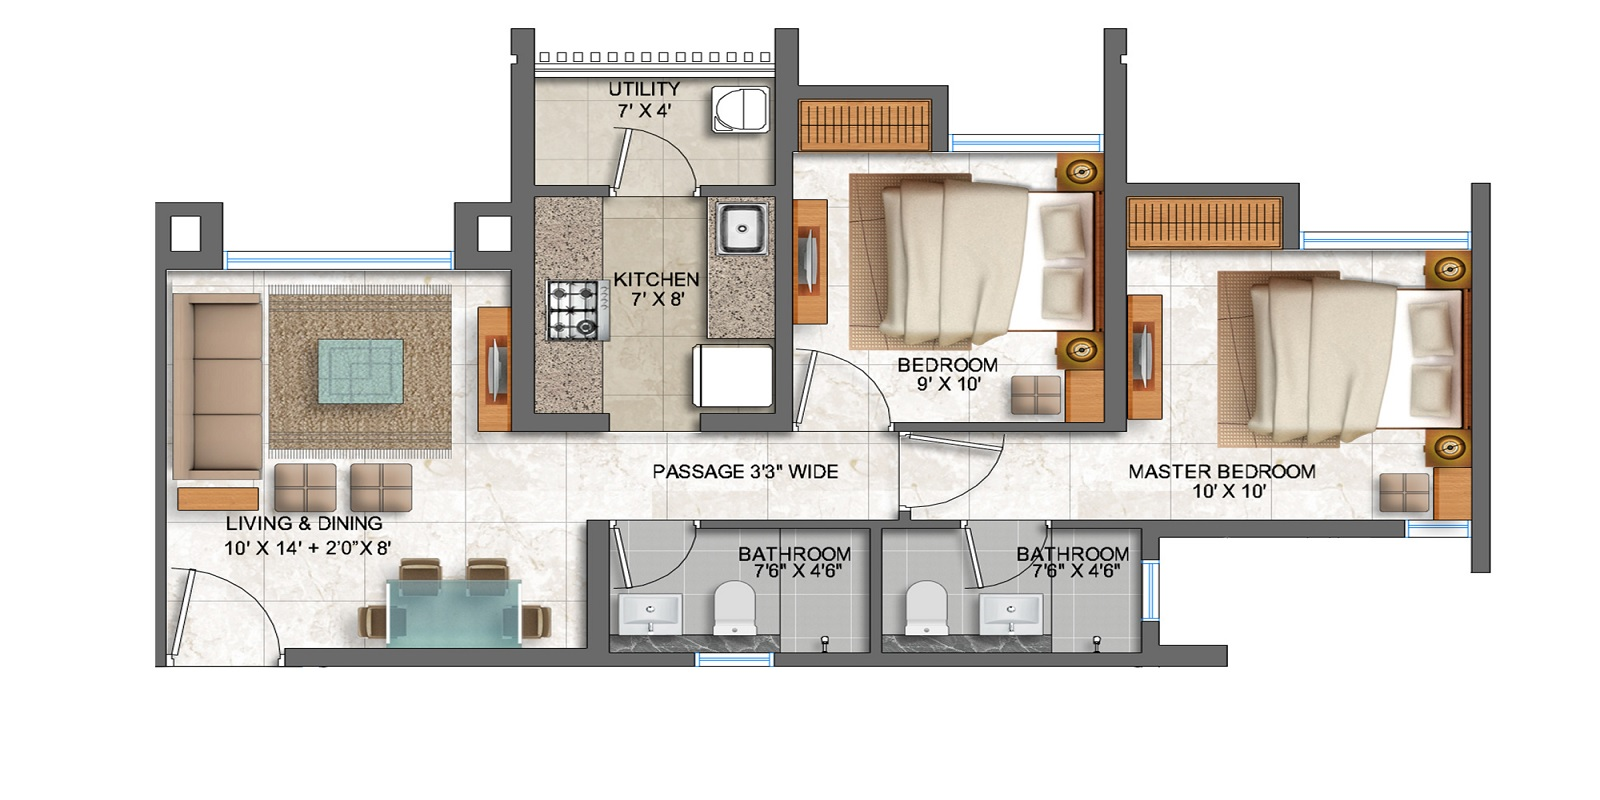 lodha prime square apartment 2bhk 647sqft21